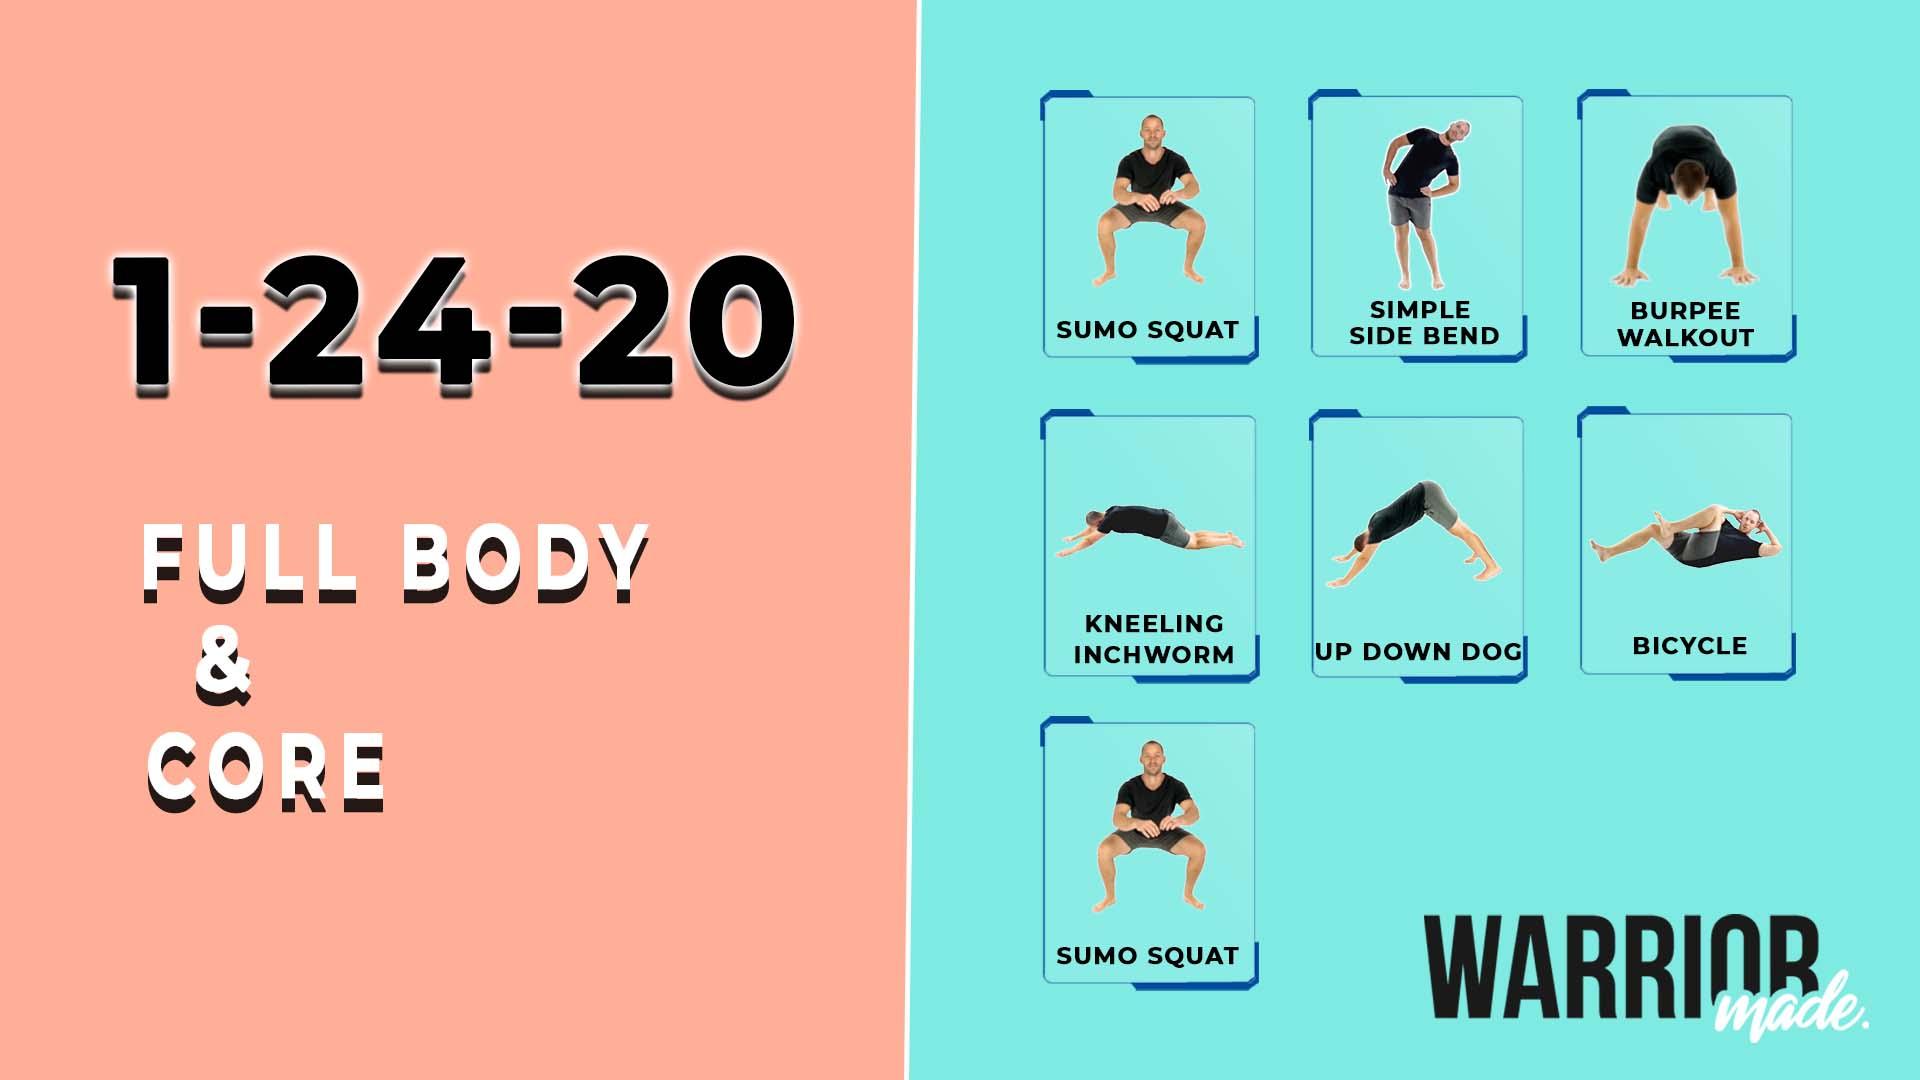 workouts-01-24-20